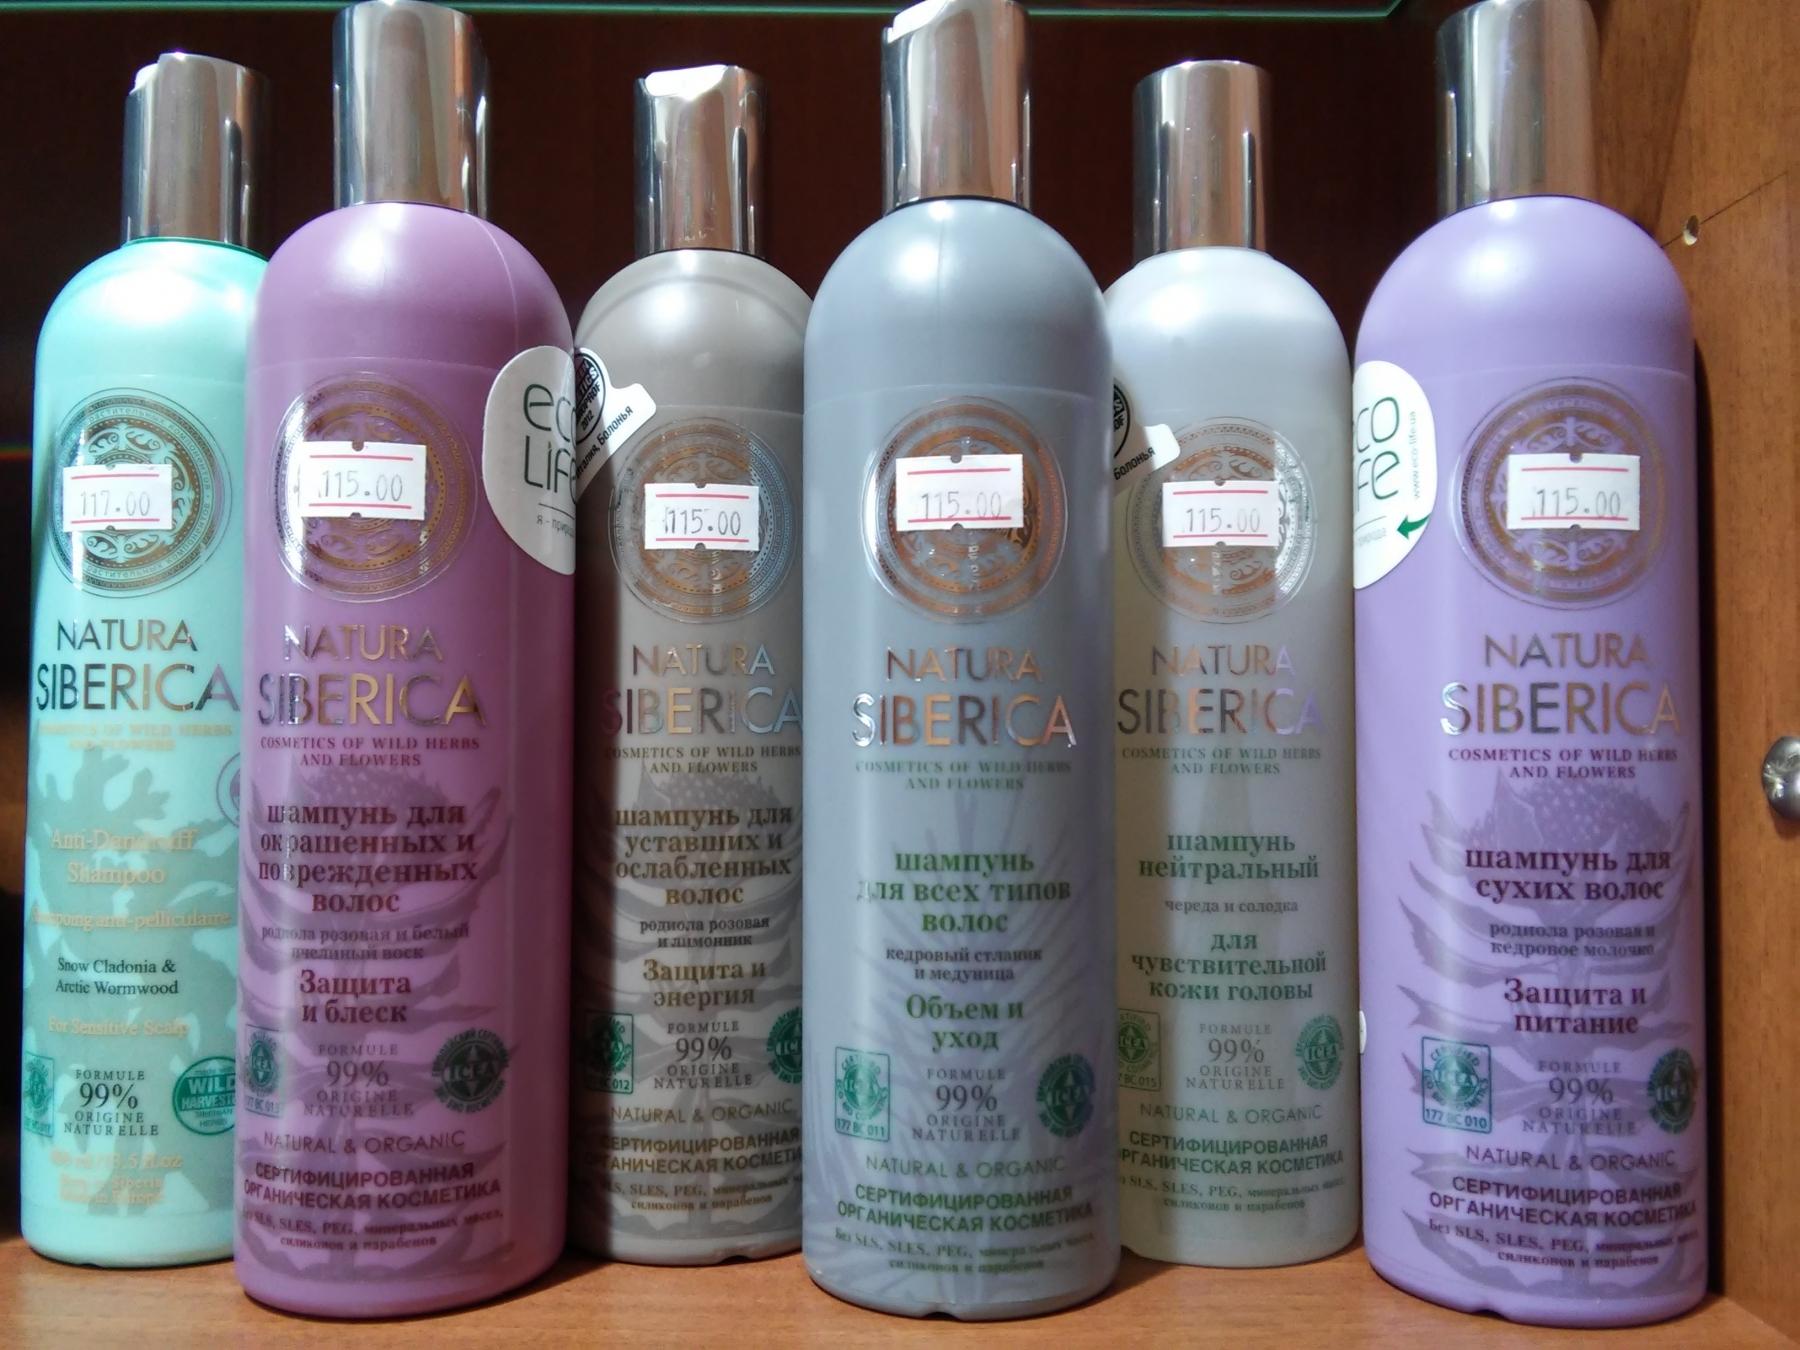 Подобрать шампунь для волос тест